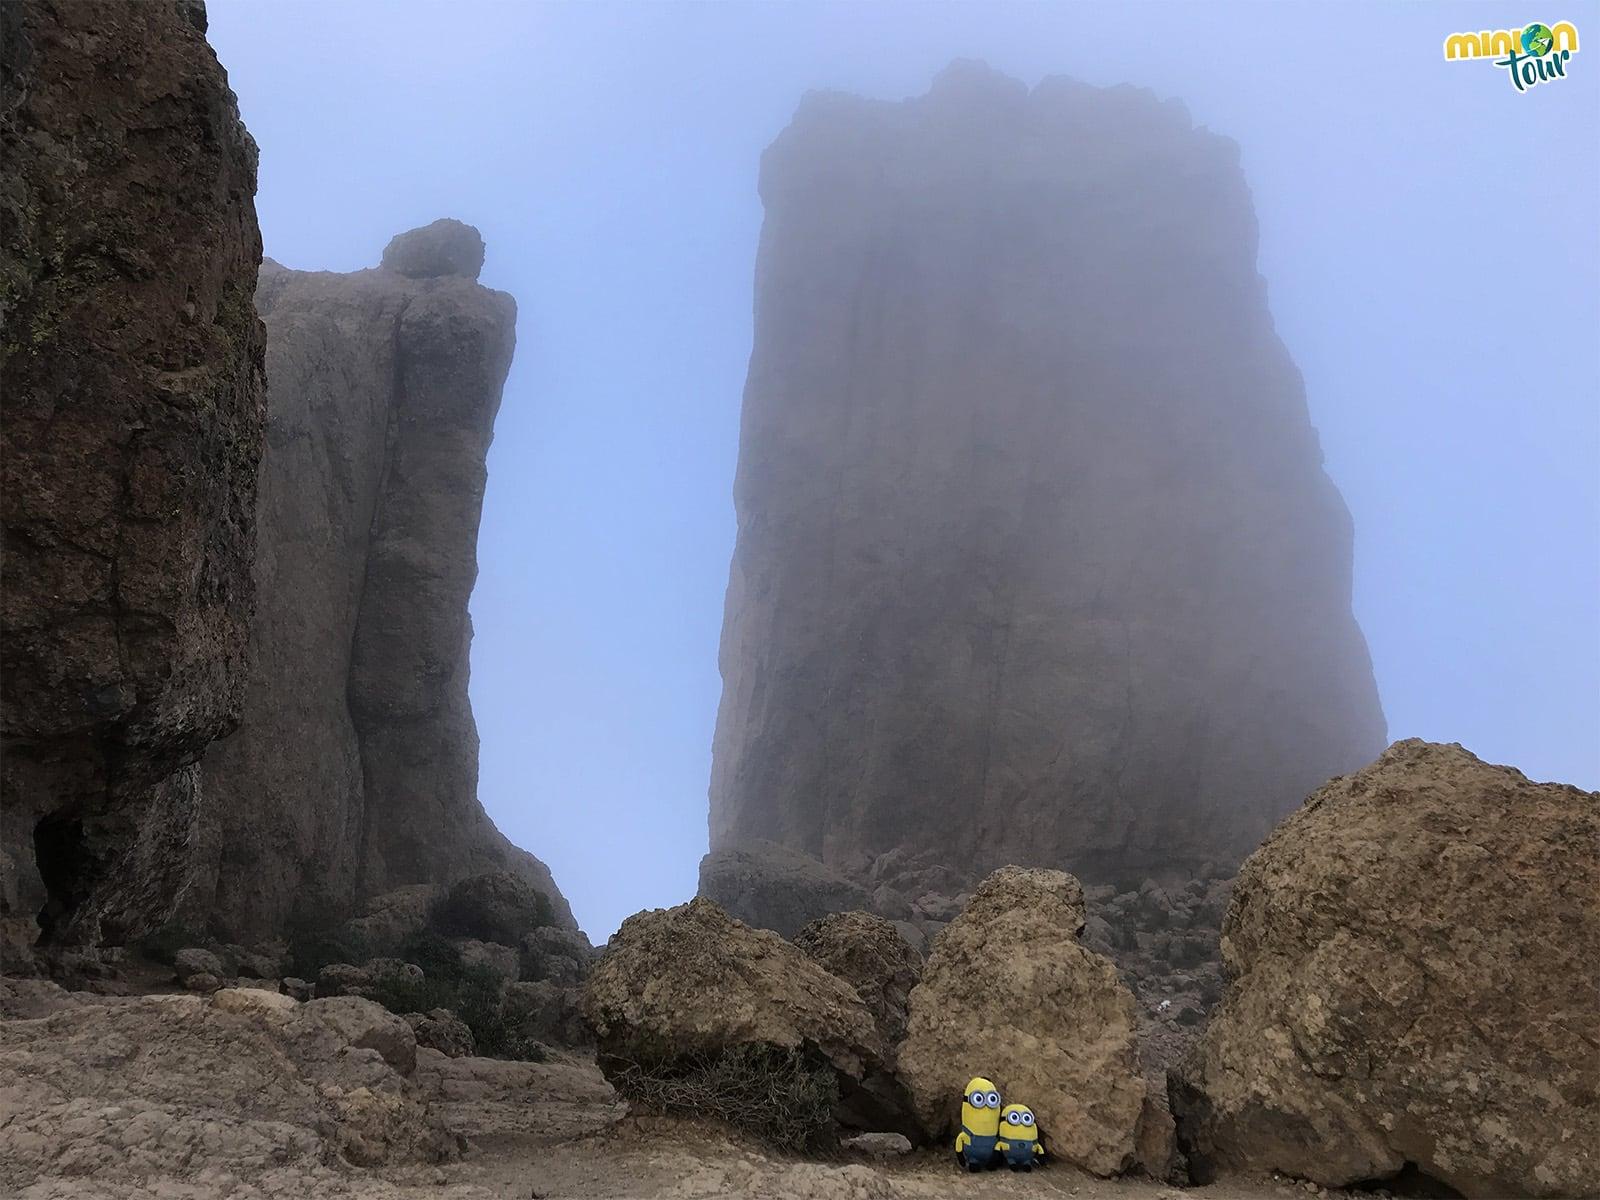 El roque entre la niebla